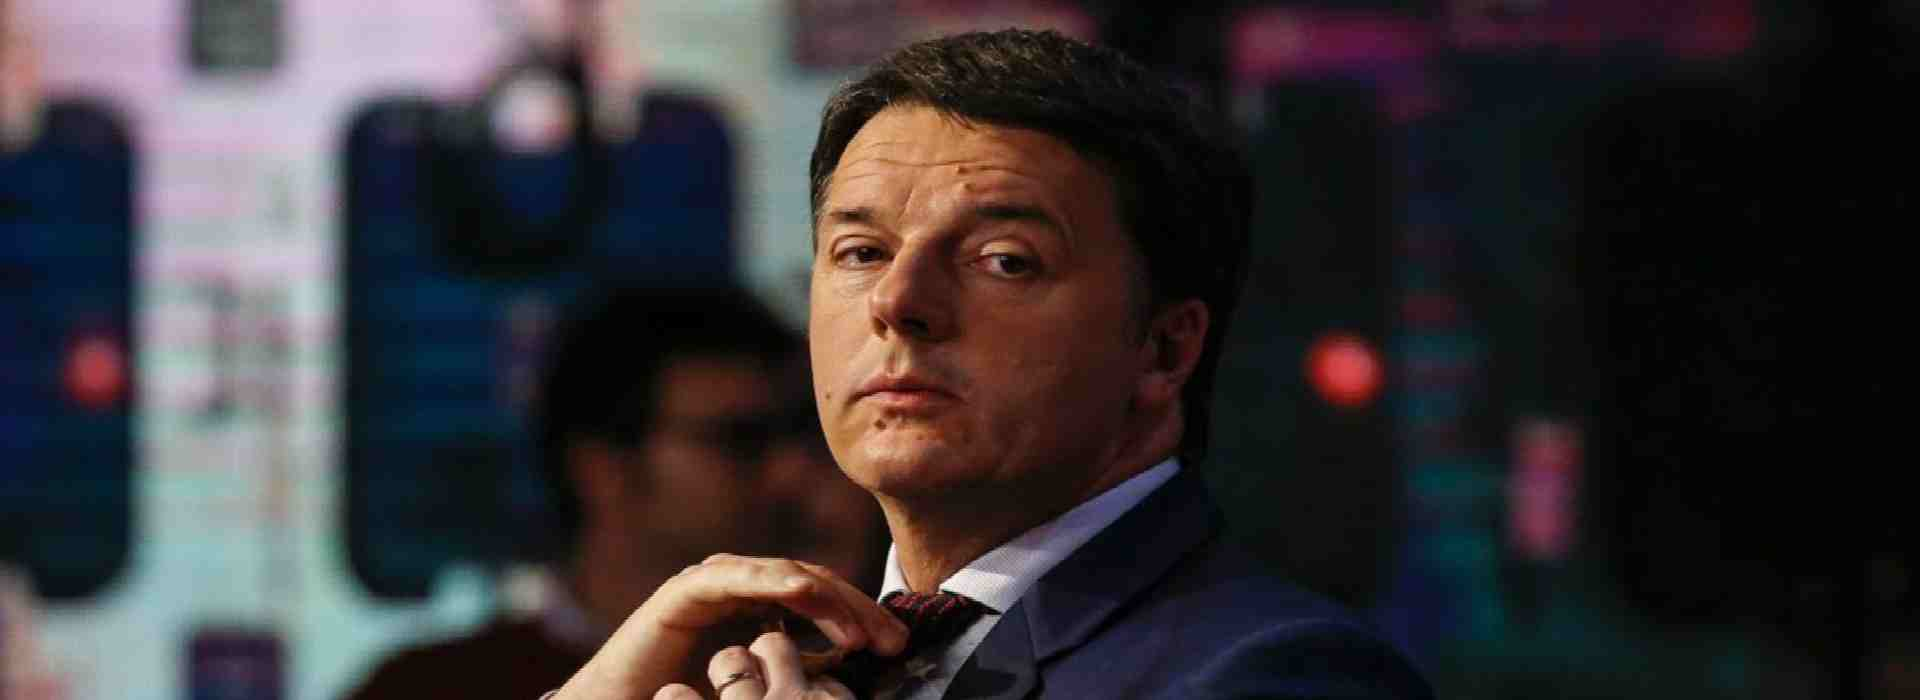 Controcorrente, il libro di Matteo Renzi e la clava della magistratura italiana